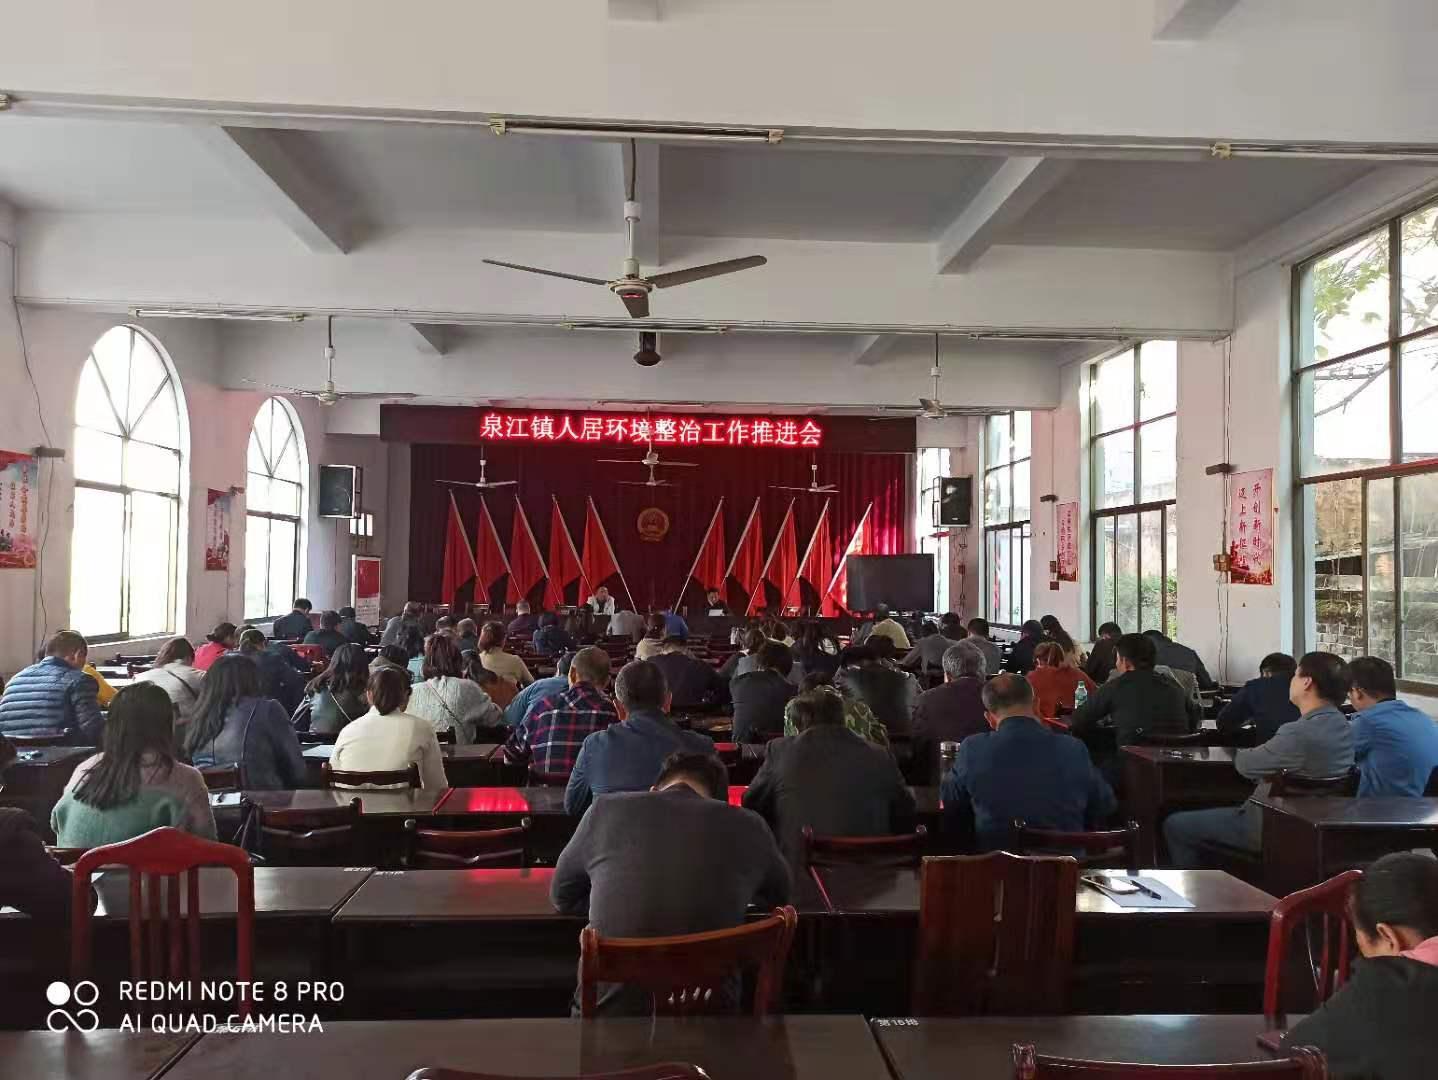 【为人民谋幸福】泉江镇鼓足干劲整治农村人居环境